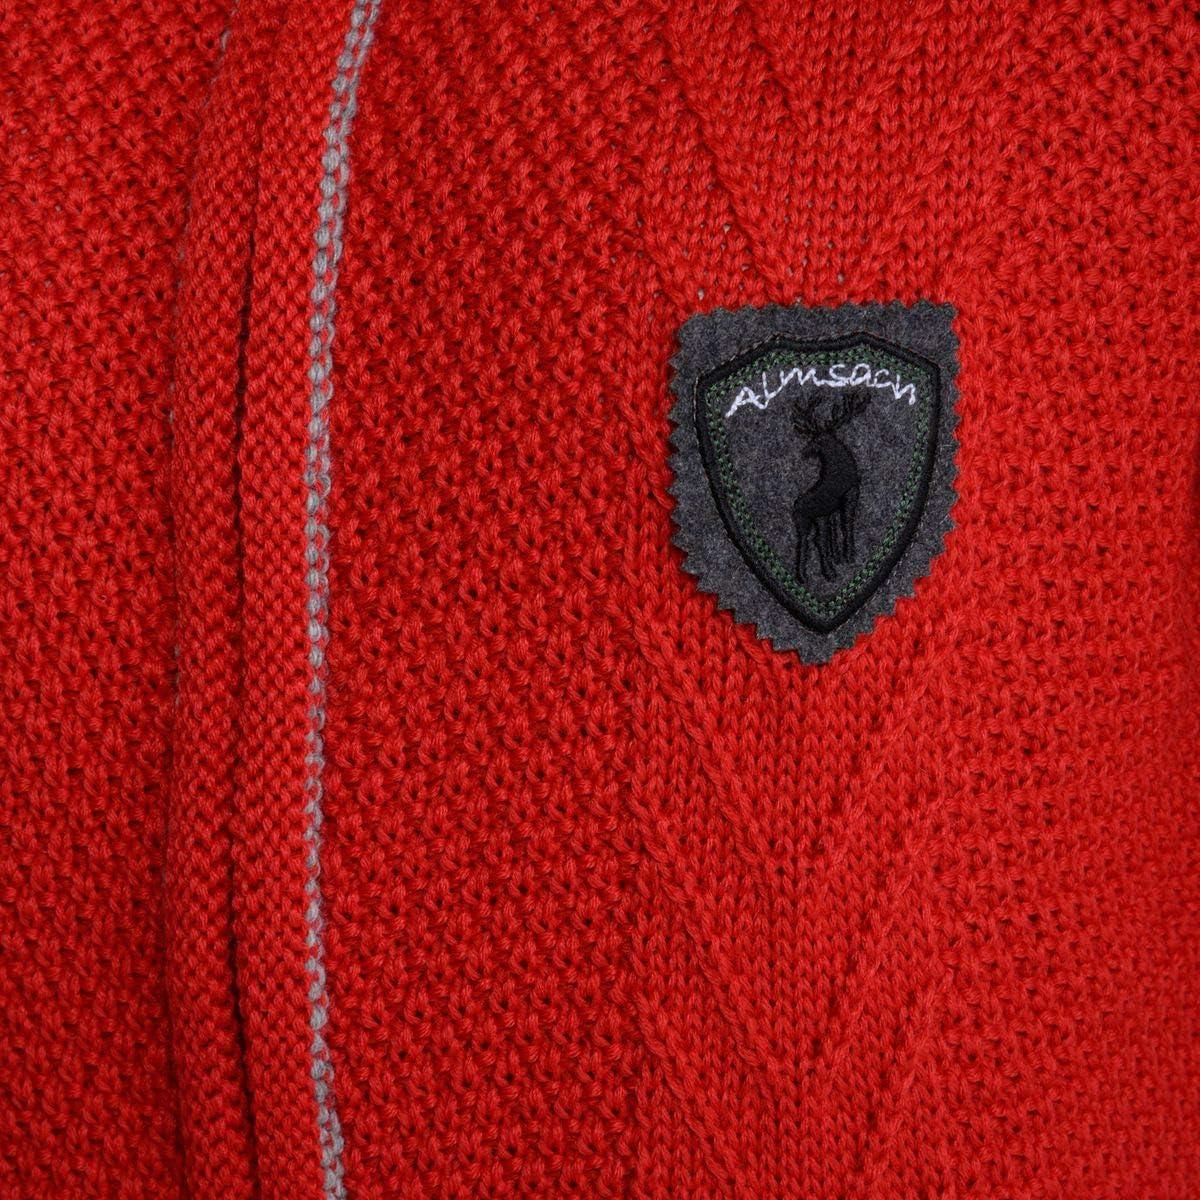 Almsach Damen Trachten-Mode Trachtenstrickjacke Isabell in Rot traditionell